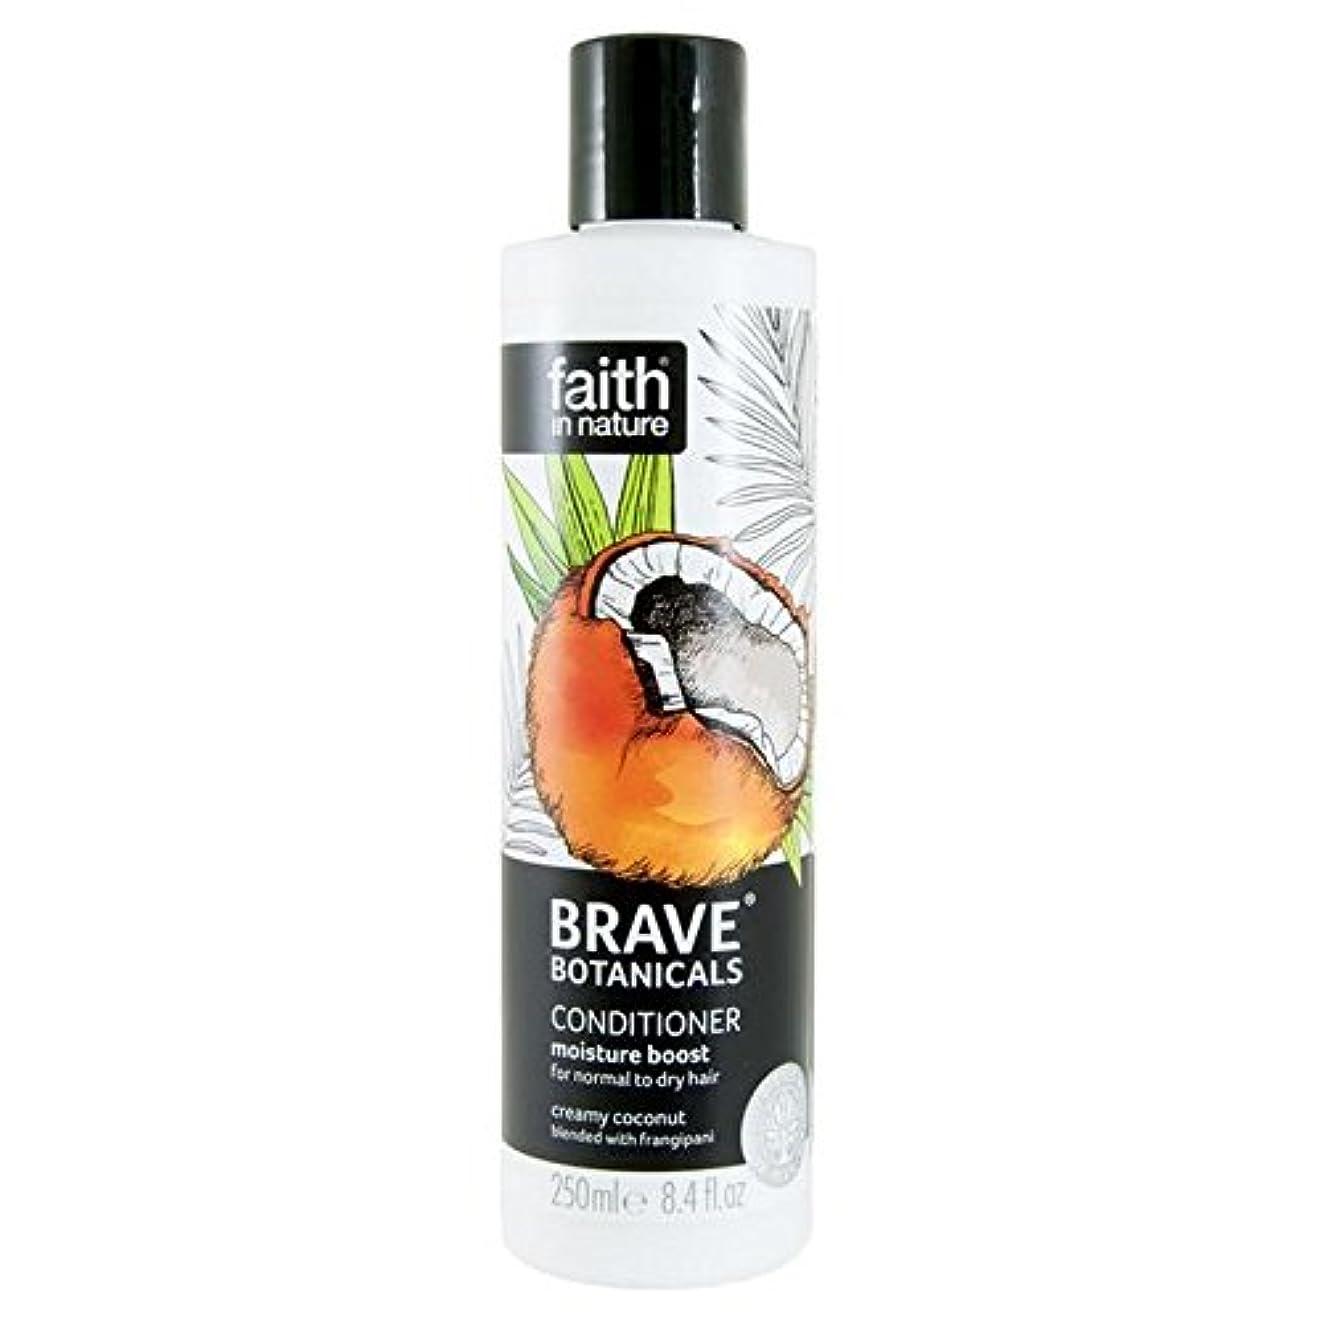 連鎖常習的おそらくBrave Botanicals Coconut & Frangipani Moisture Boost Conditioner 250ml (Pack of 2) - (Faith In Nature) 勇敢な植物ココナッツ...